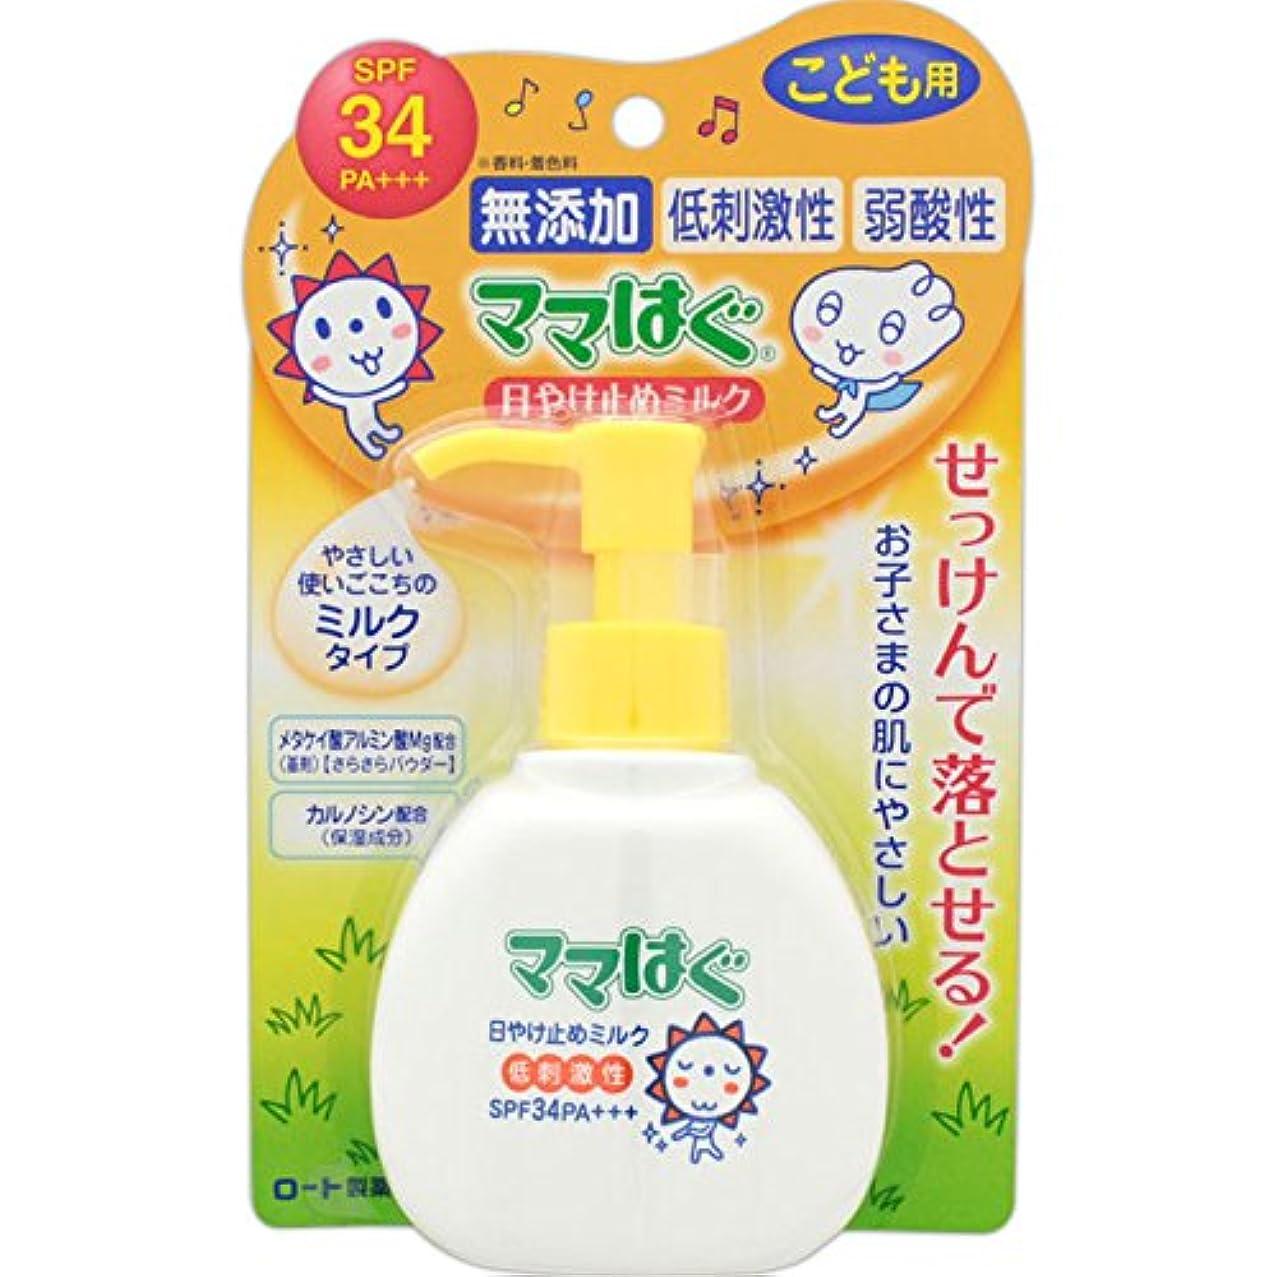 シンポジウム硬いもしロート製薬 ママはぐ 無添加 低刺激性日やけ止めミルク SPF34 PA+++ 100g